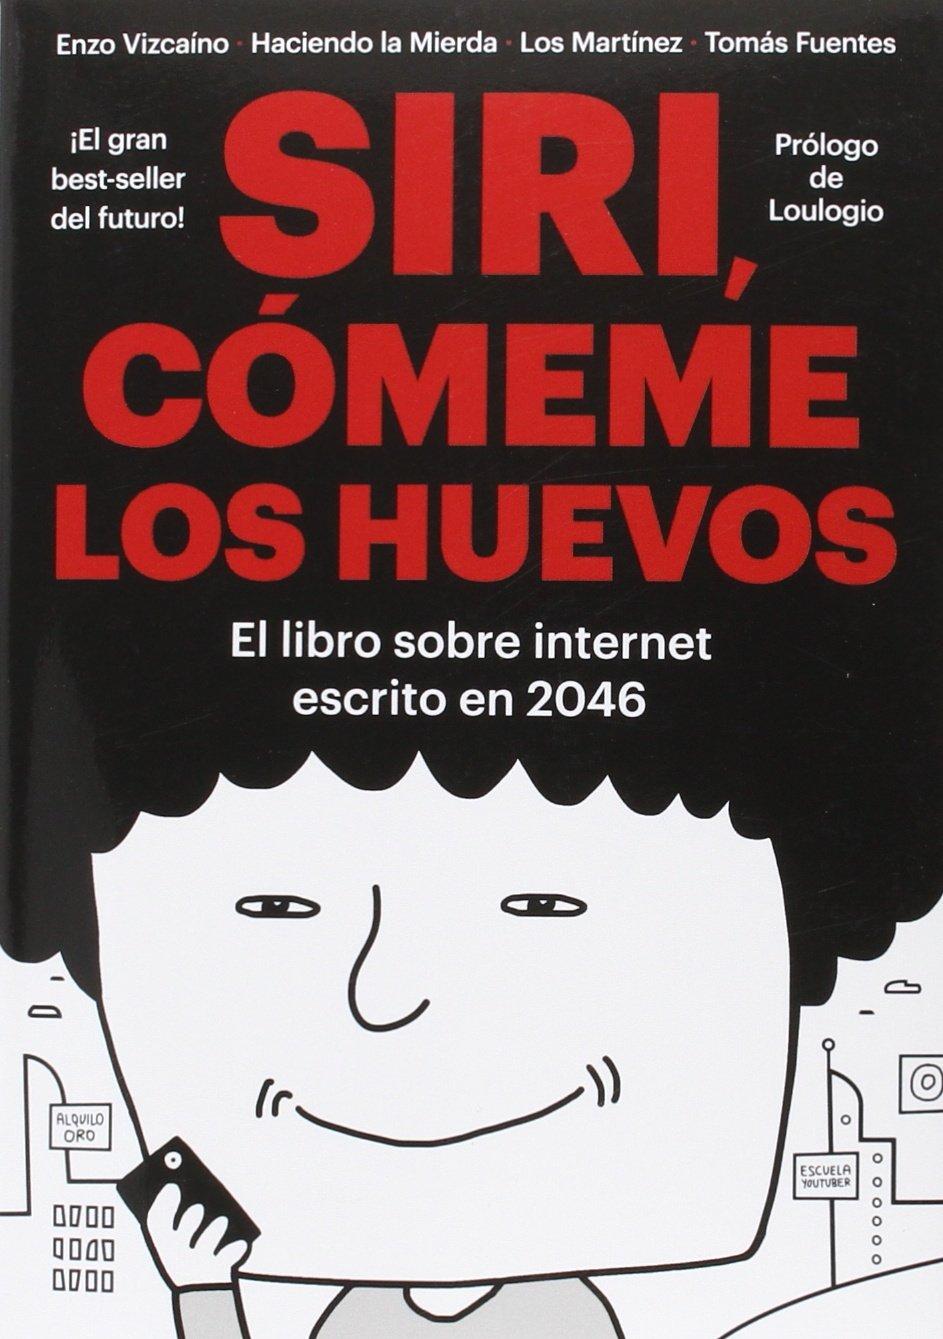 Siri, Cómeme Los Huevos: 9 (Bridge): Amazon.es: Varios autores: Libros